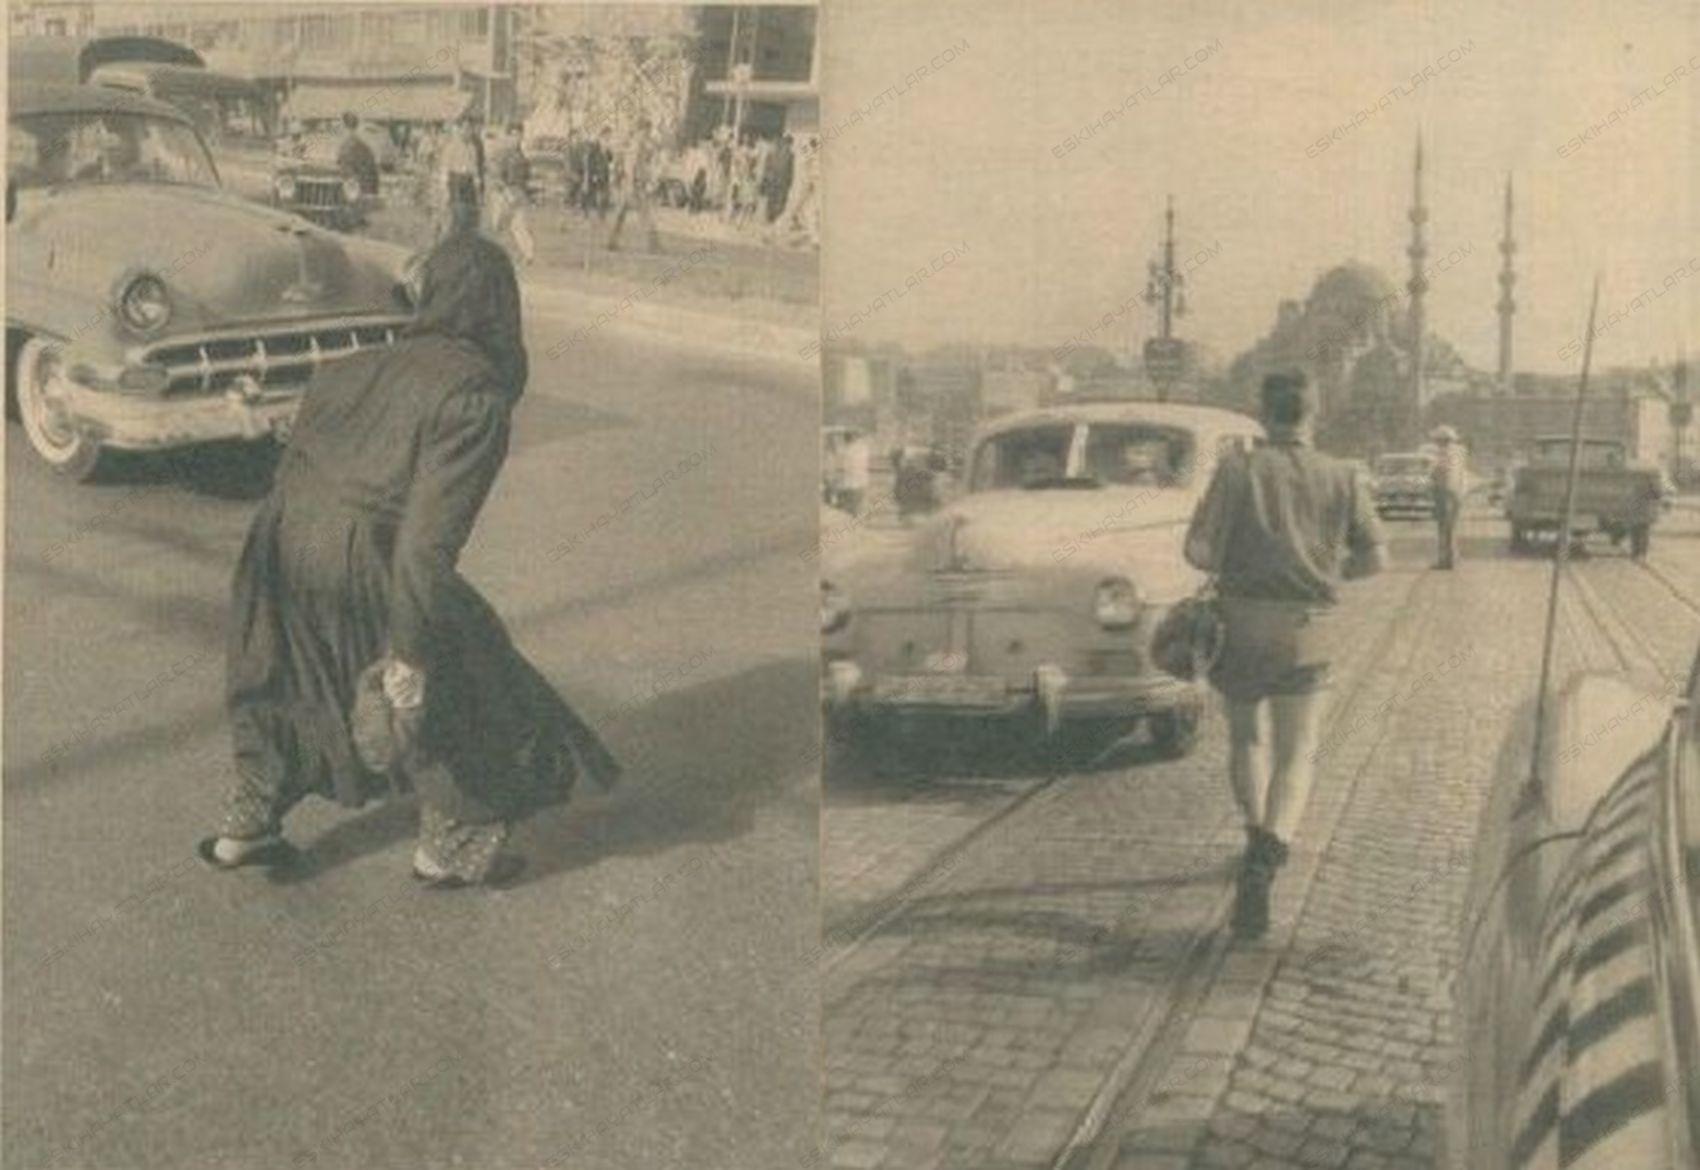 0263-altmisli-yillarda-istanbul-trafigi-1965-hayat-dergisi (9)